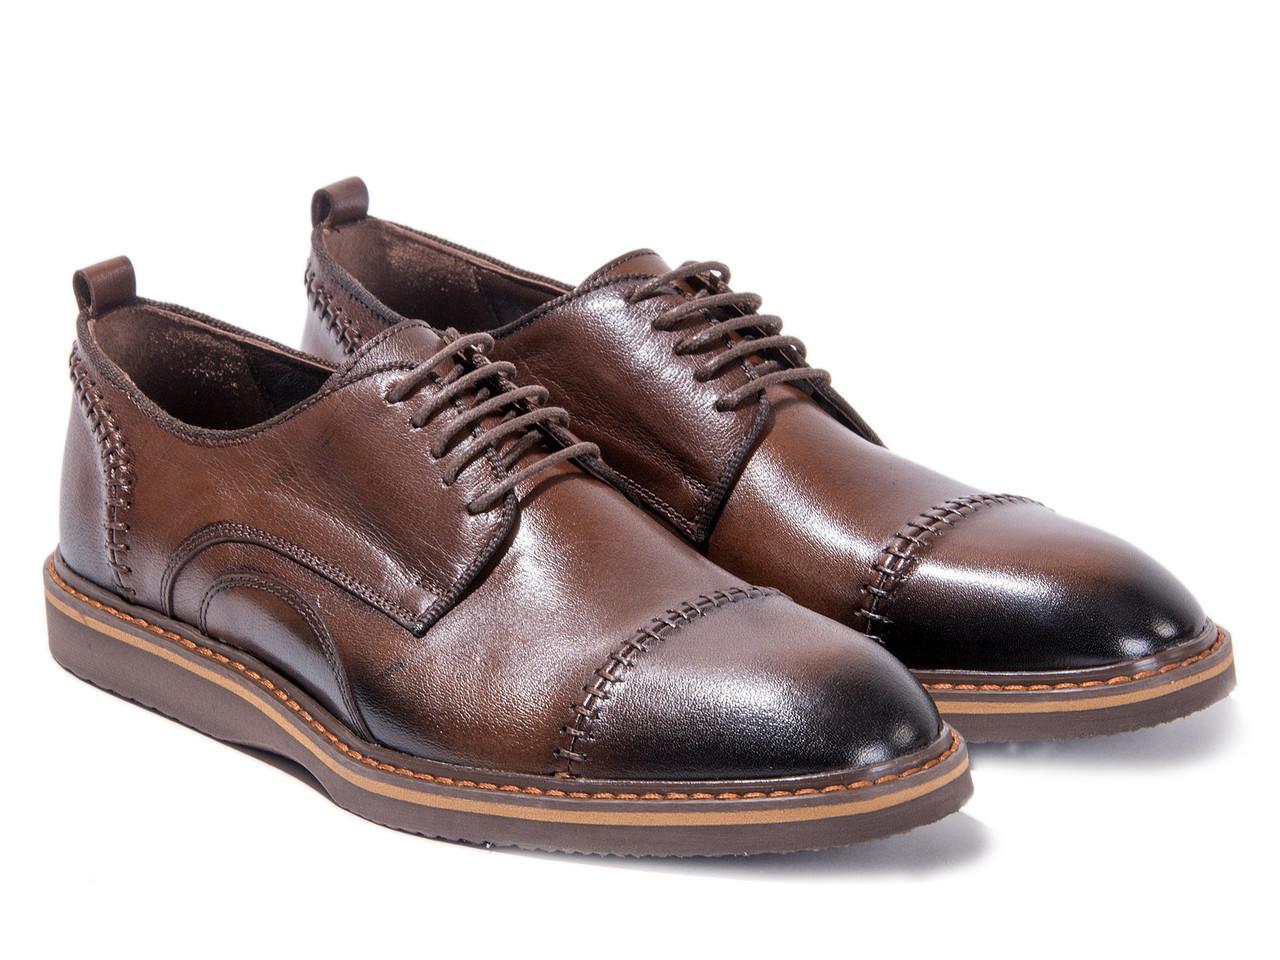 Дерби Etor 12982-171 43 коричневые